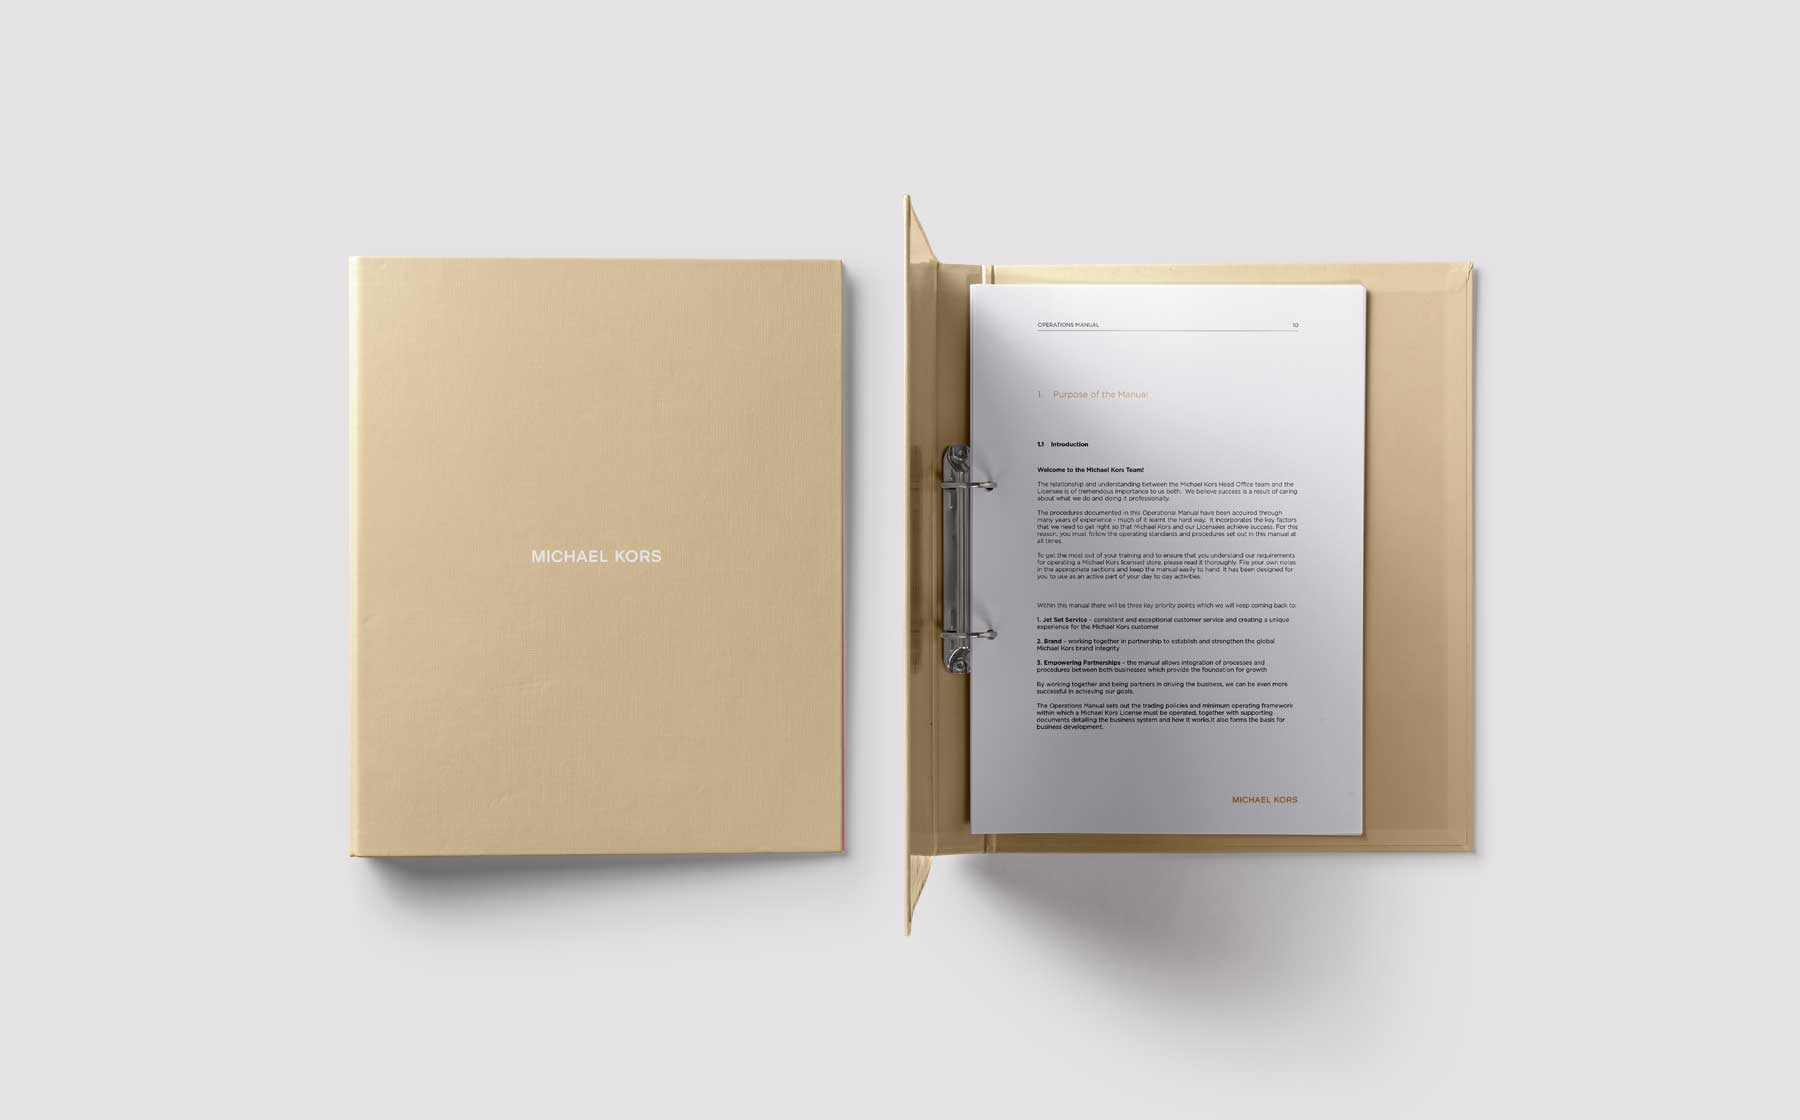 Michael-Kors-Folder